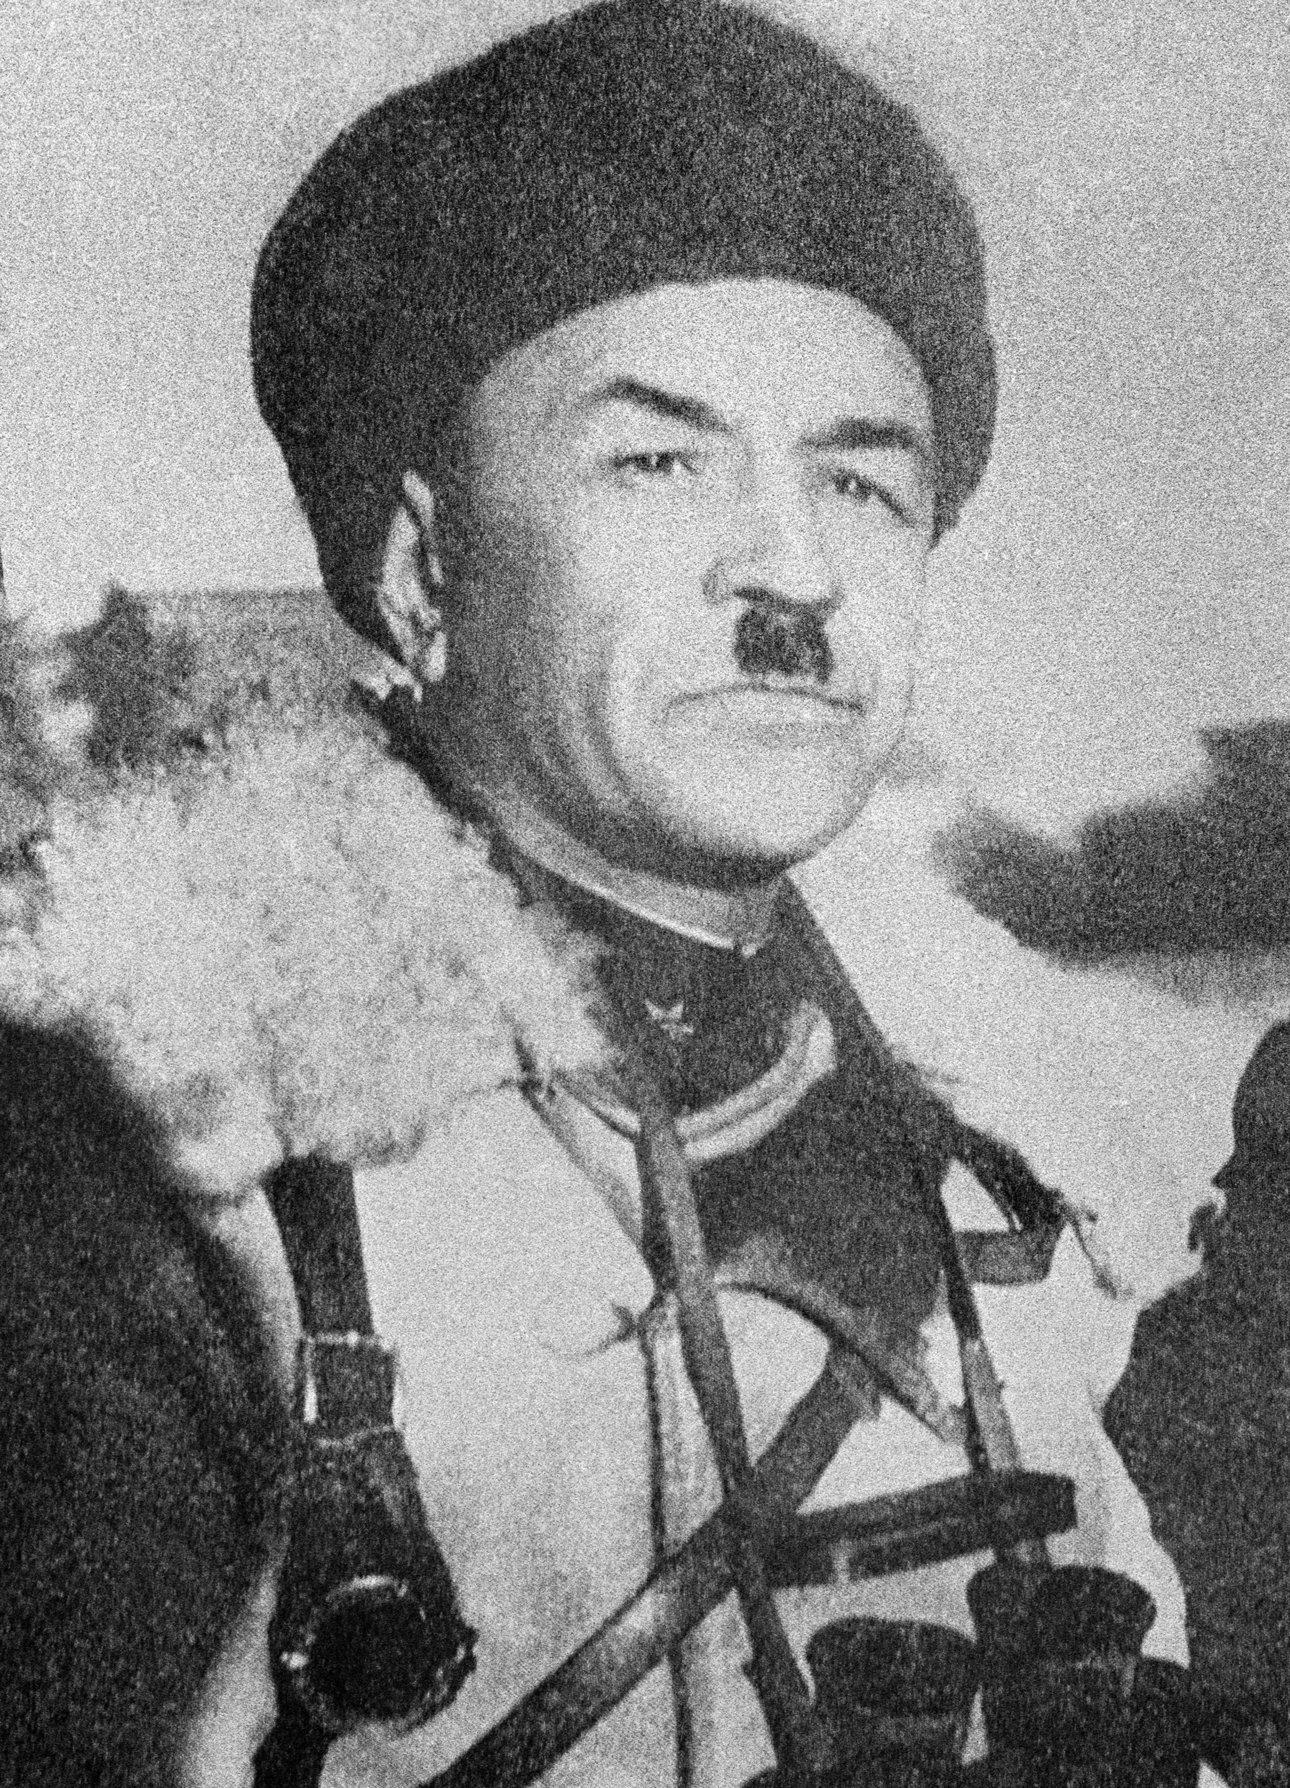 Генерал-майор Иван Васильевич Панфилов. Ноябрь 1941 года